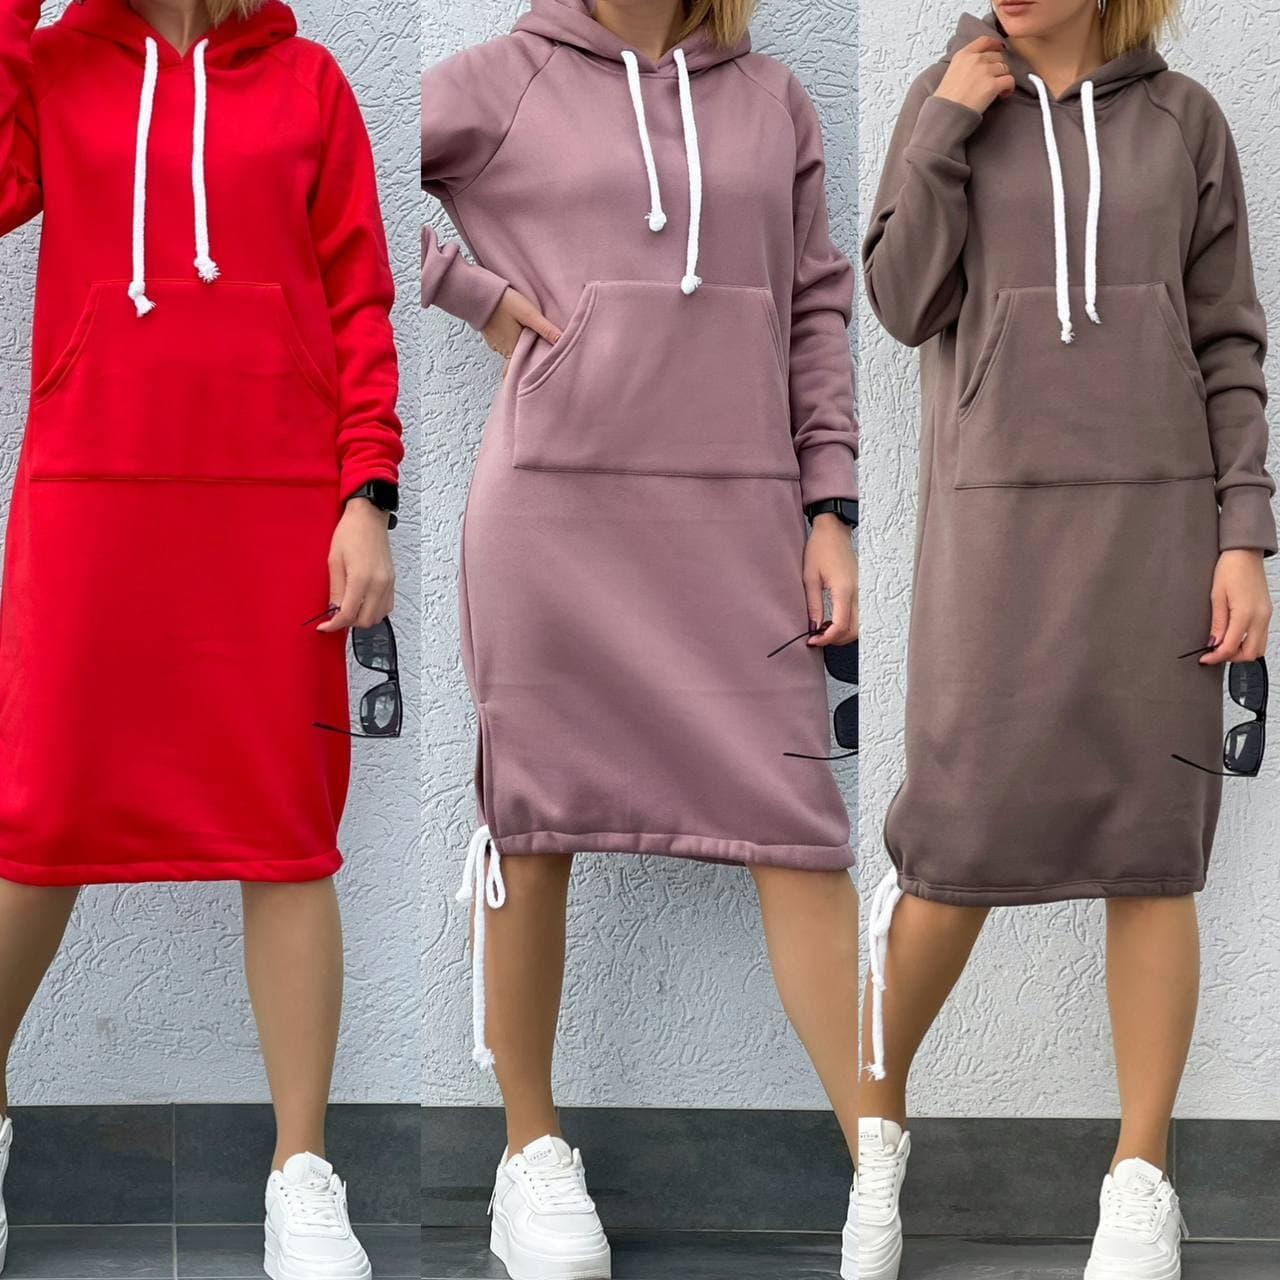 Тепле плаття в спортивному стилі з капюшоном і кишенею кенгуру